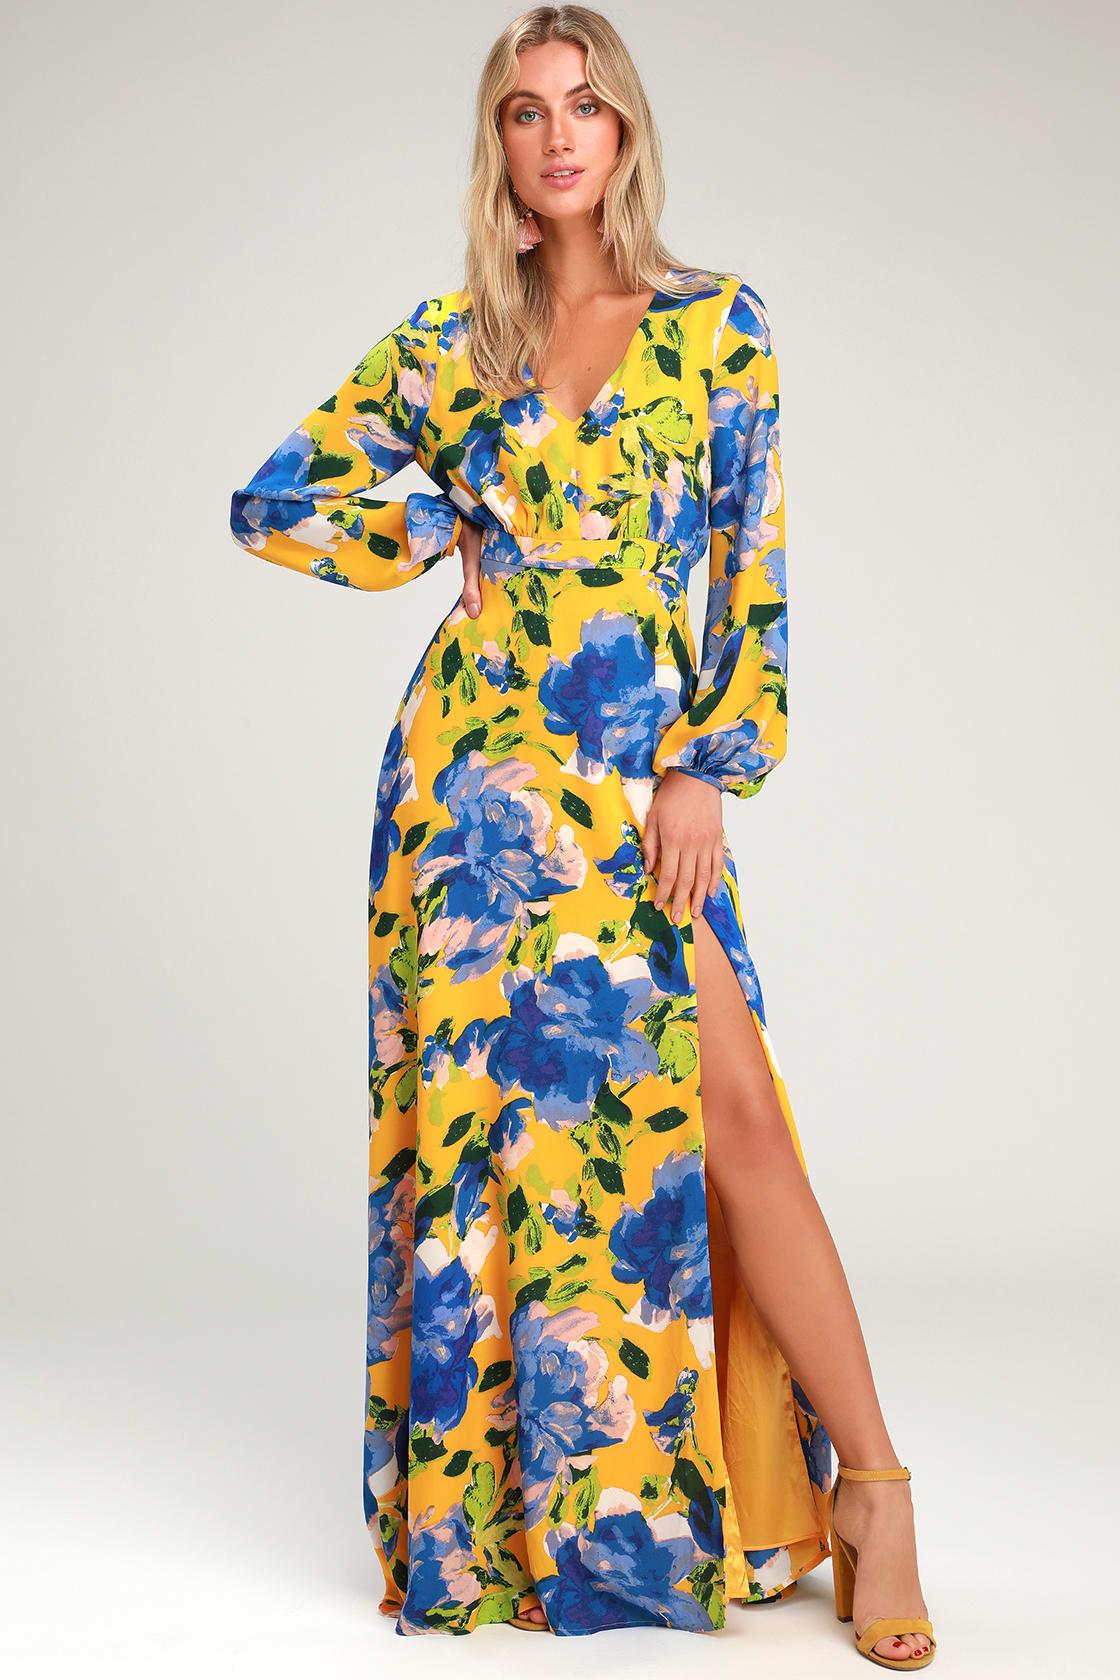 Carolita Yellow Floral Print Long Sleeve Maxi Dress